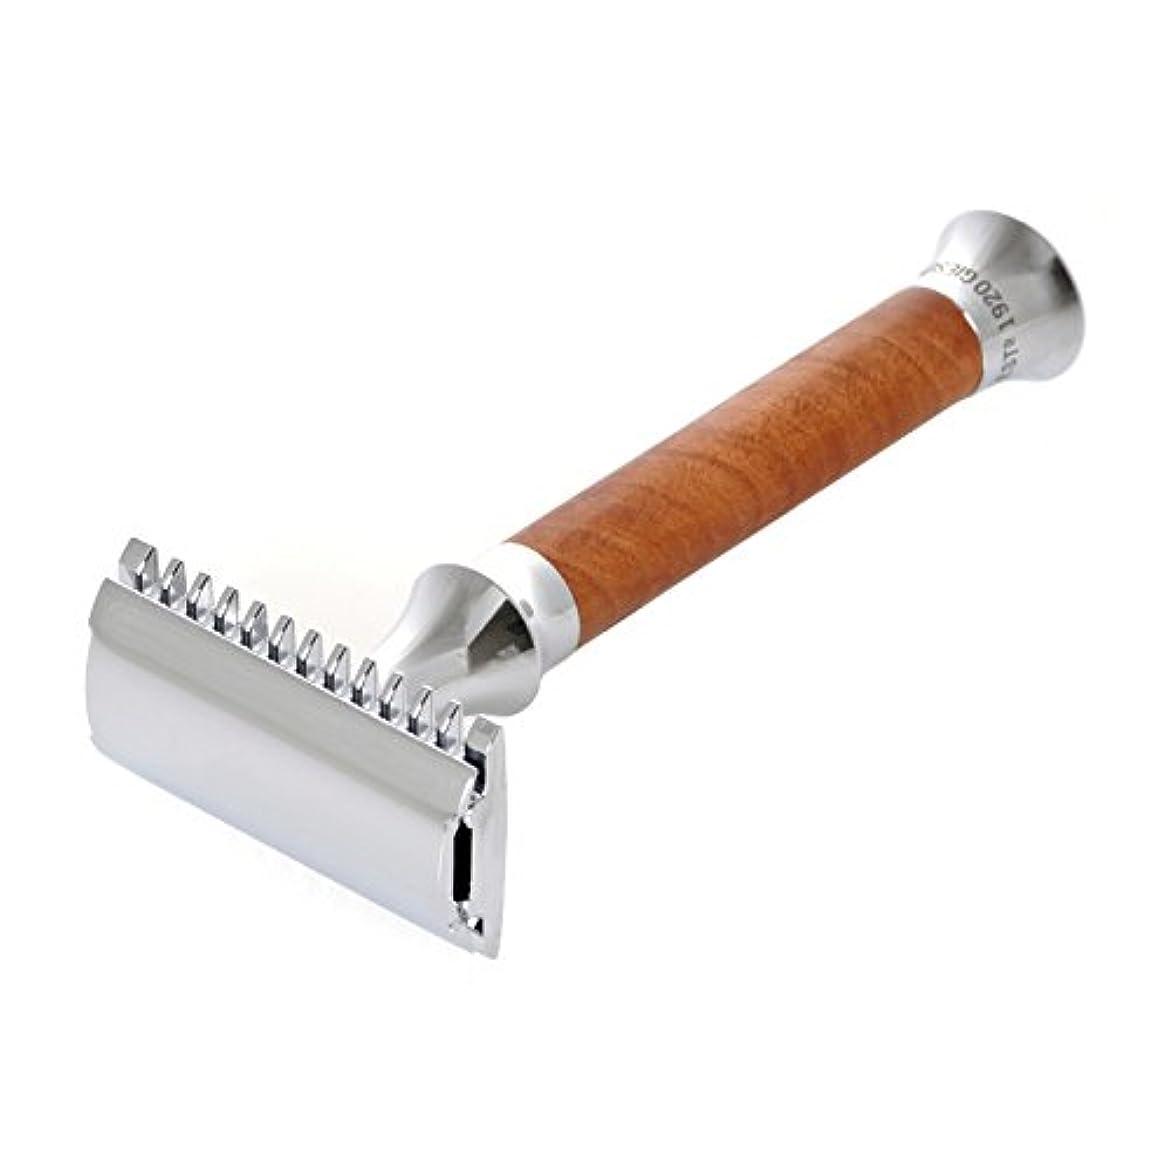 ピザコントラストどう?G&F - Vintage Edition Safety razor, Thuja burl wood, 10 razor blades